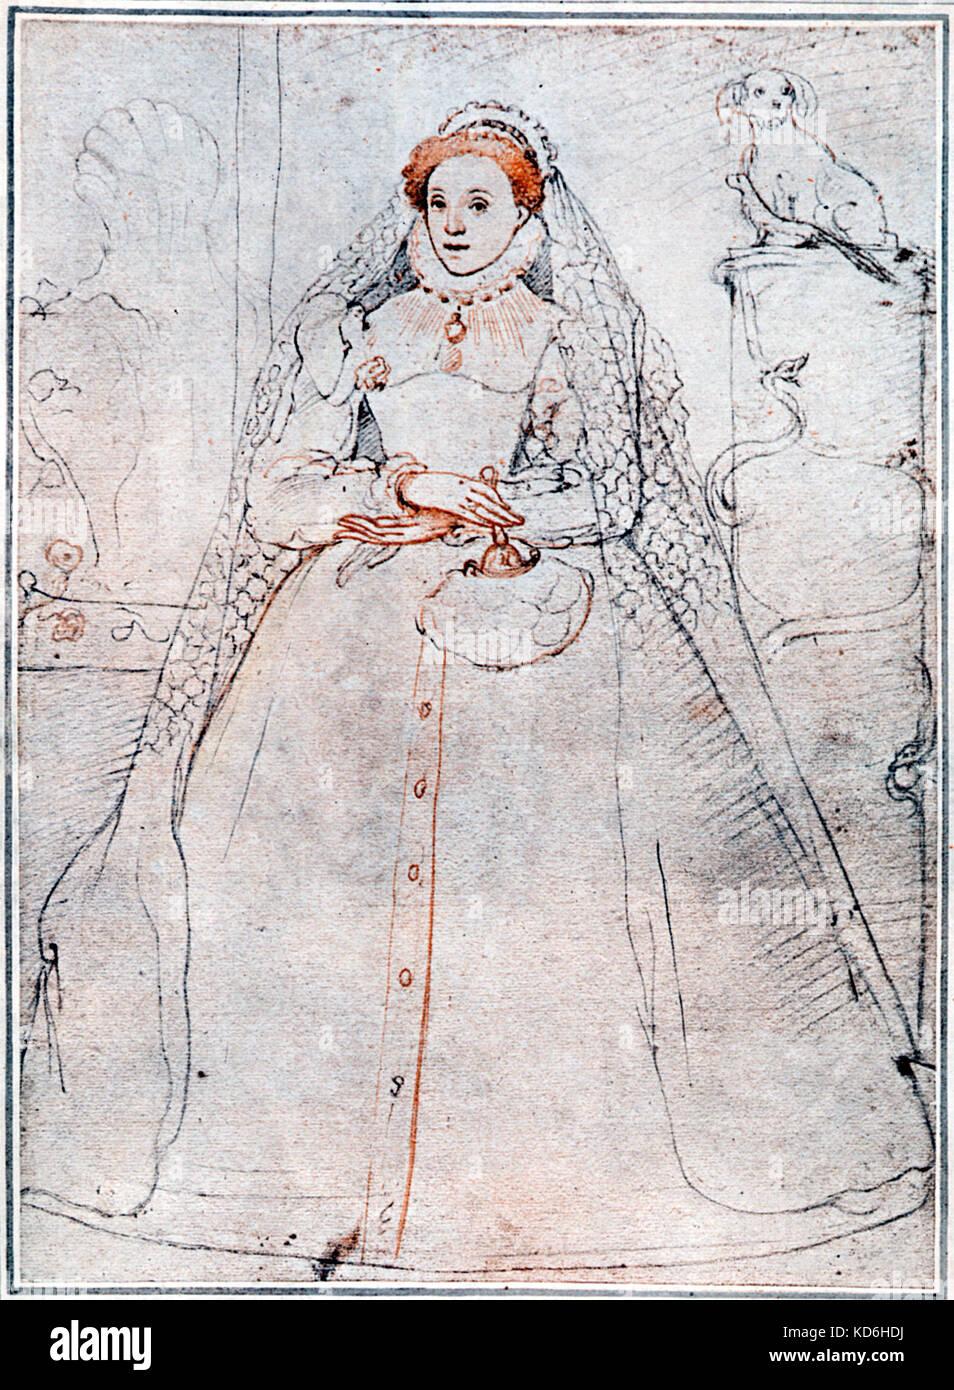 La regina Elisabetta I dopo un pastello originale disegno da F. Zuccero, Londra 1575. Regina d Inghilterra, 1533-1603. Foto Stock